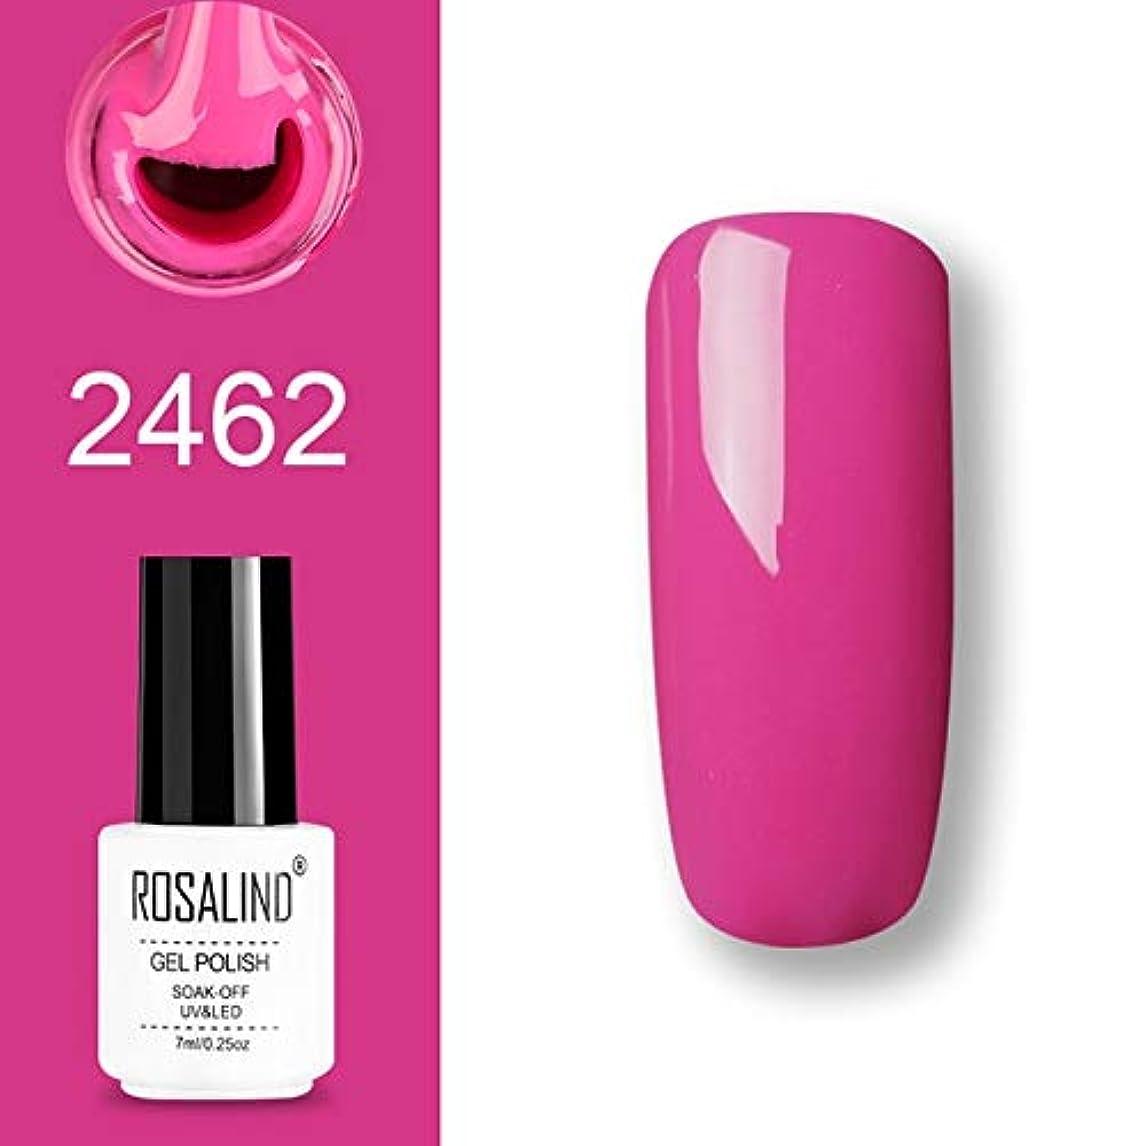 ファッションアイテム ROSALINDジェルポリッシュセットUVセミパーマネントプライマートップコートポリジェルニスネイルアートマニキュアジェル、ブリリアントレッド、容量:7ml 2462。 環境に優しいマニキュア